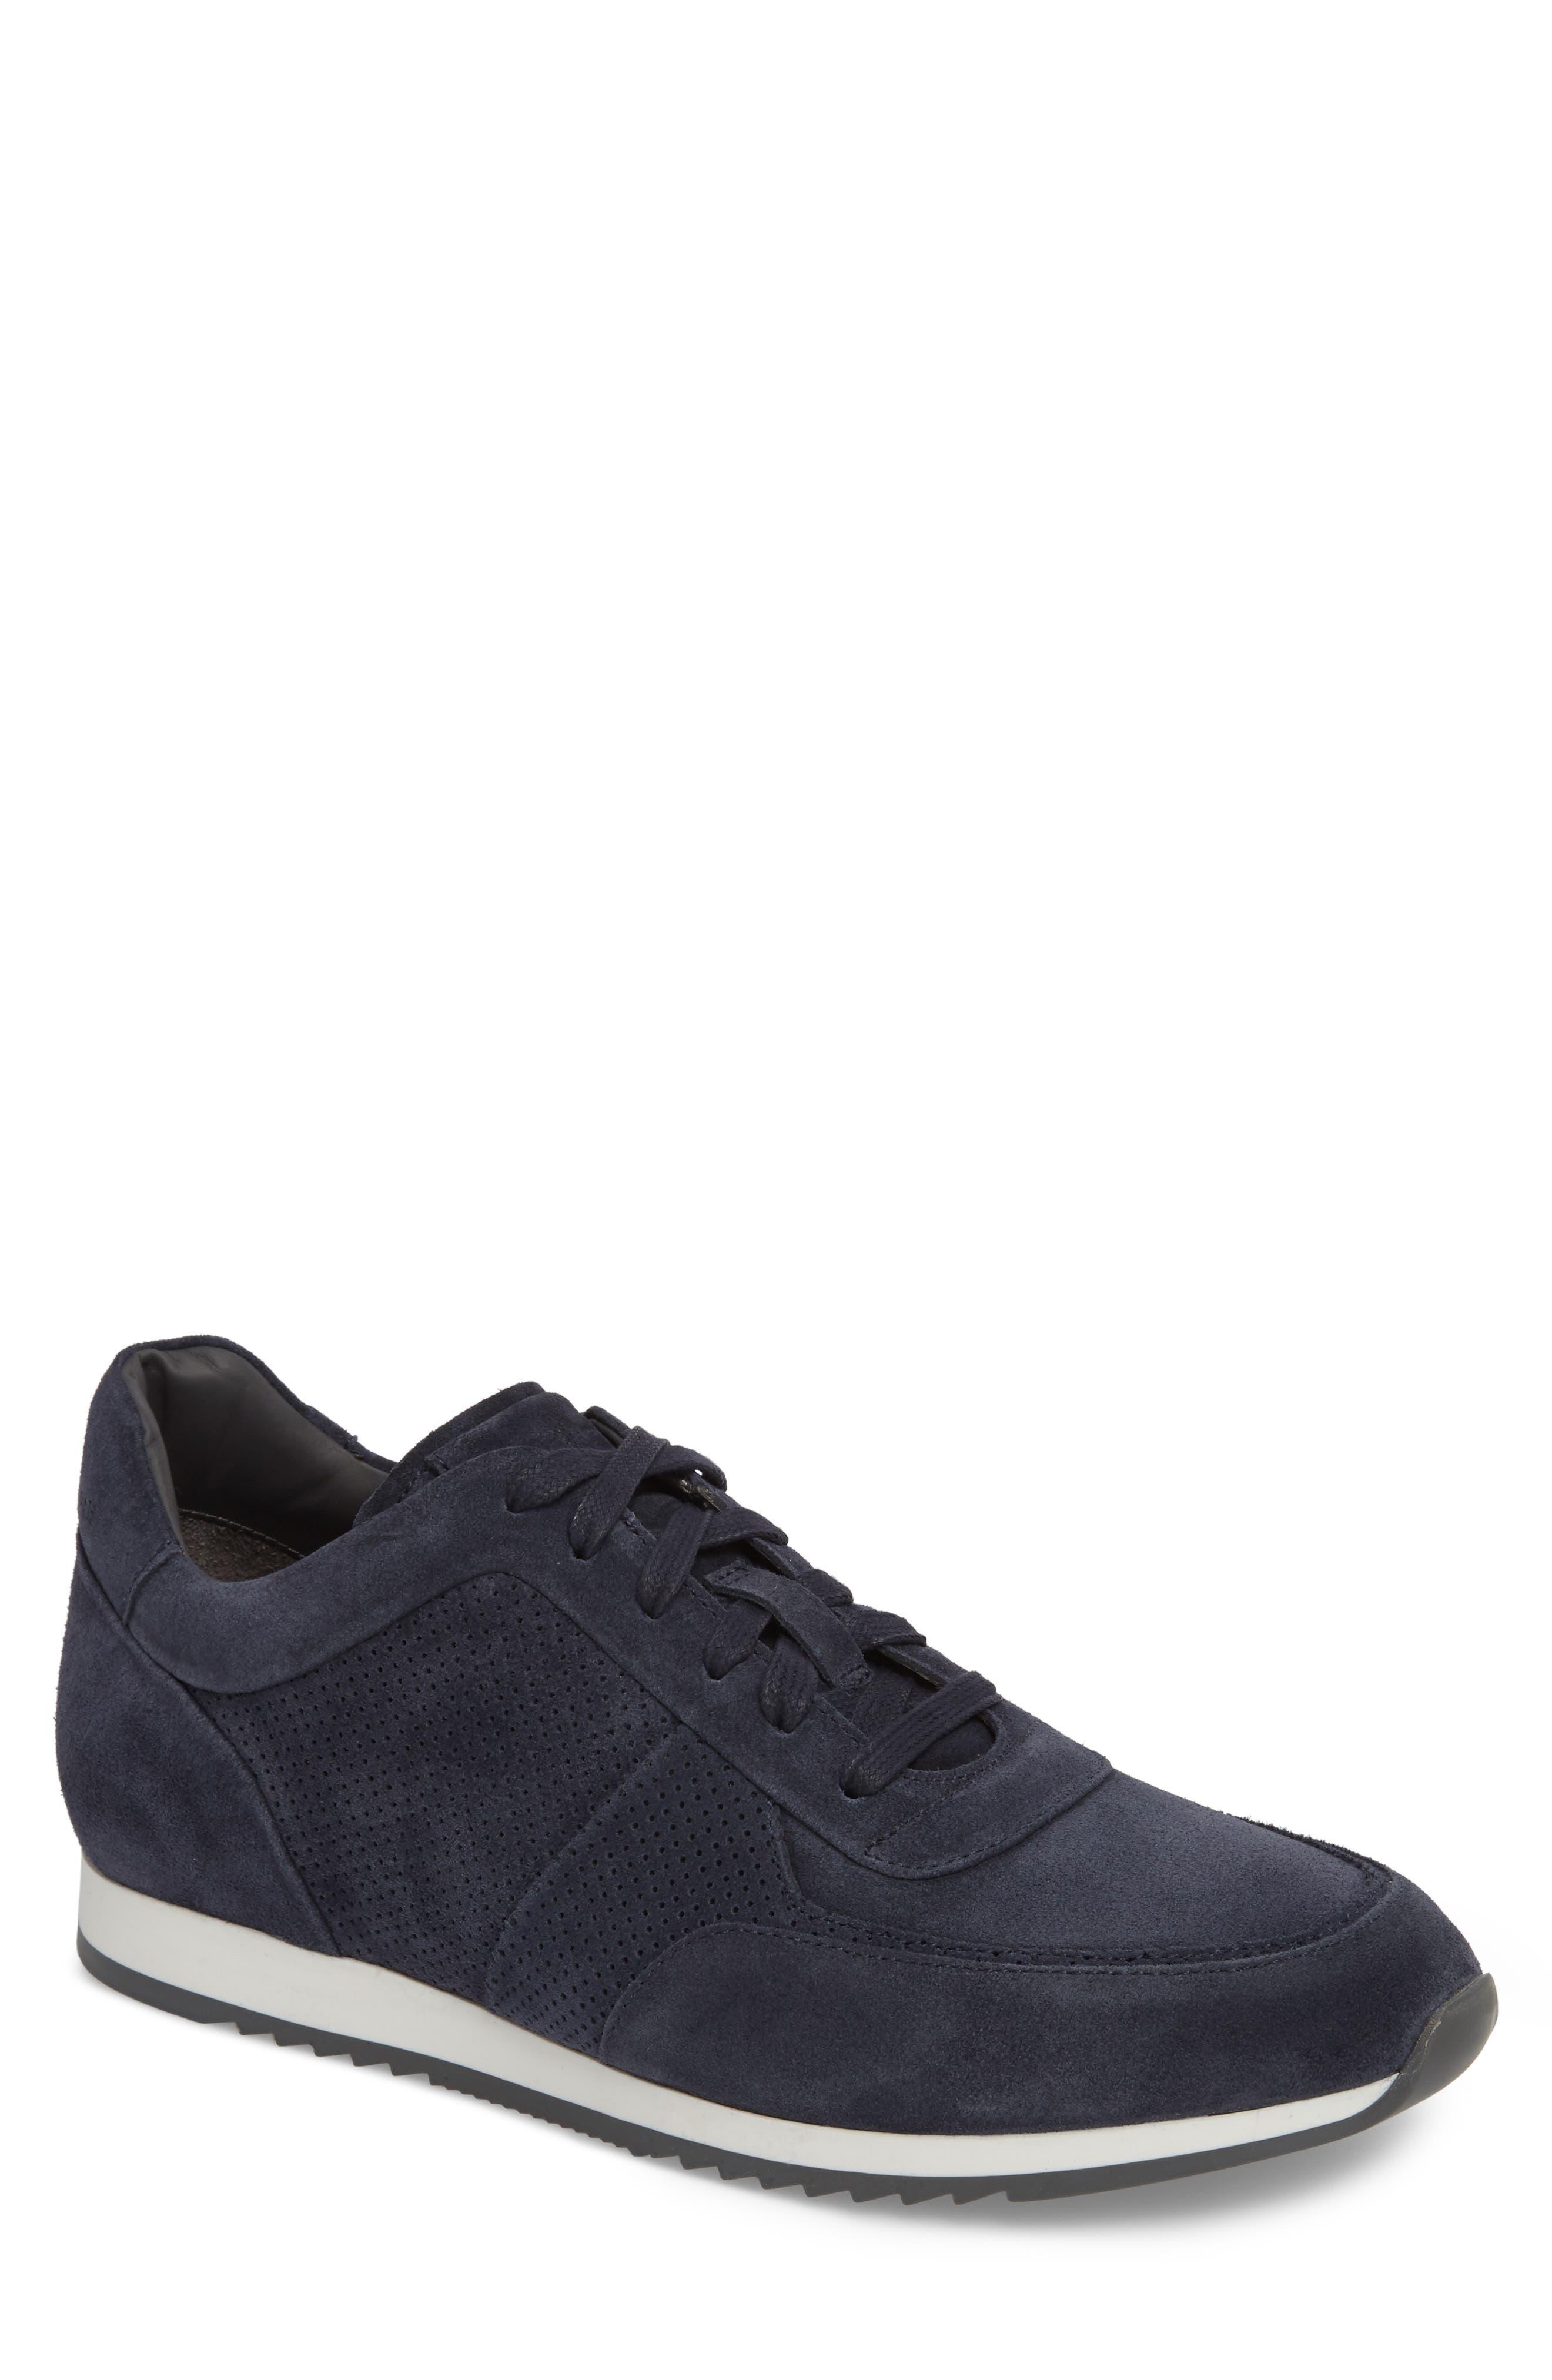 Main Image - To Boot New York Fordham Low Top Sneaker (Men)